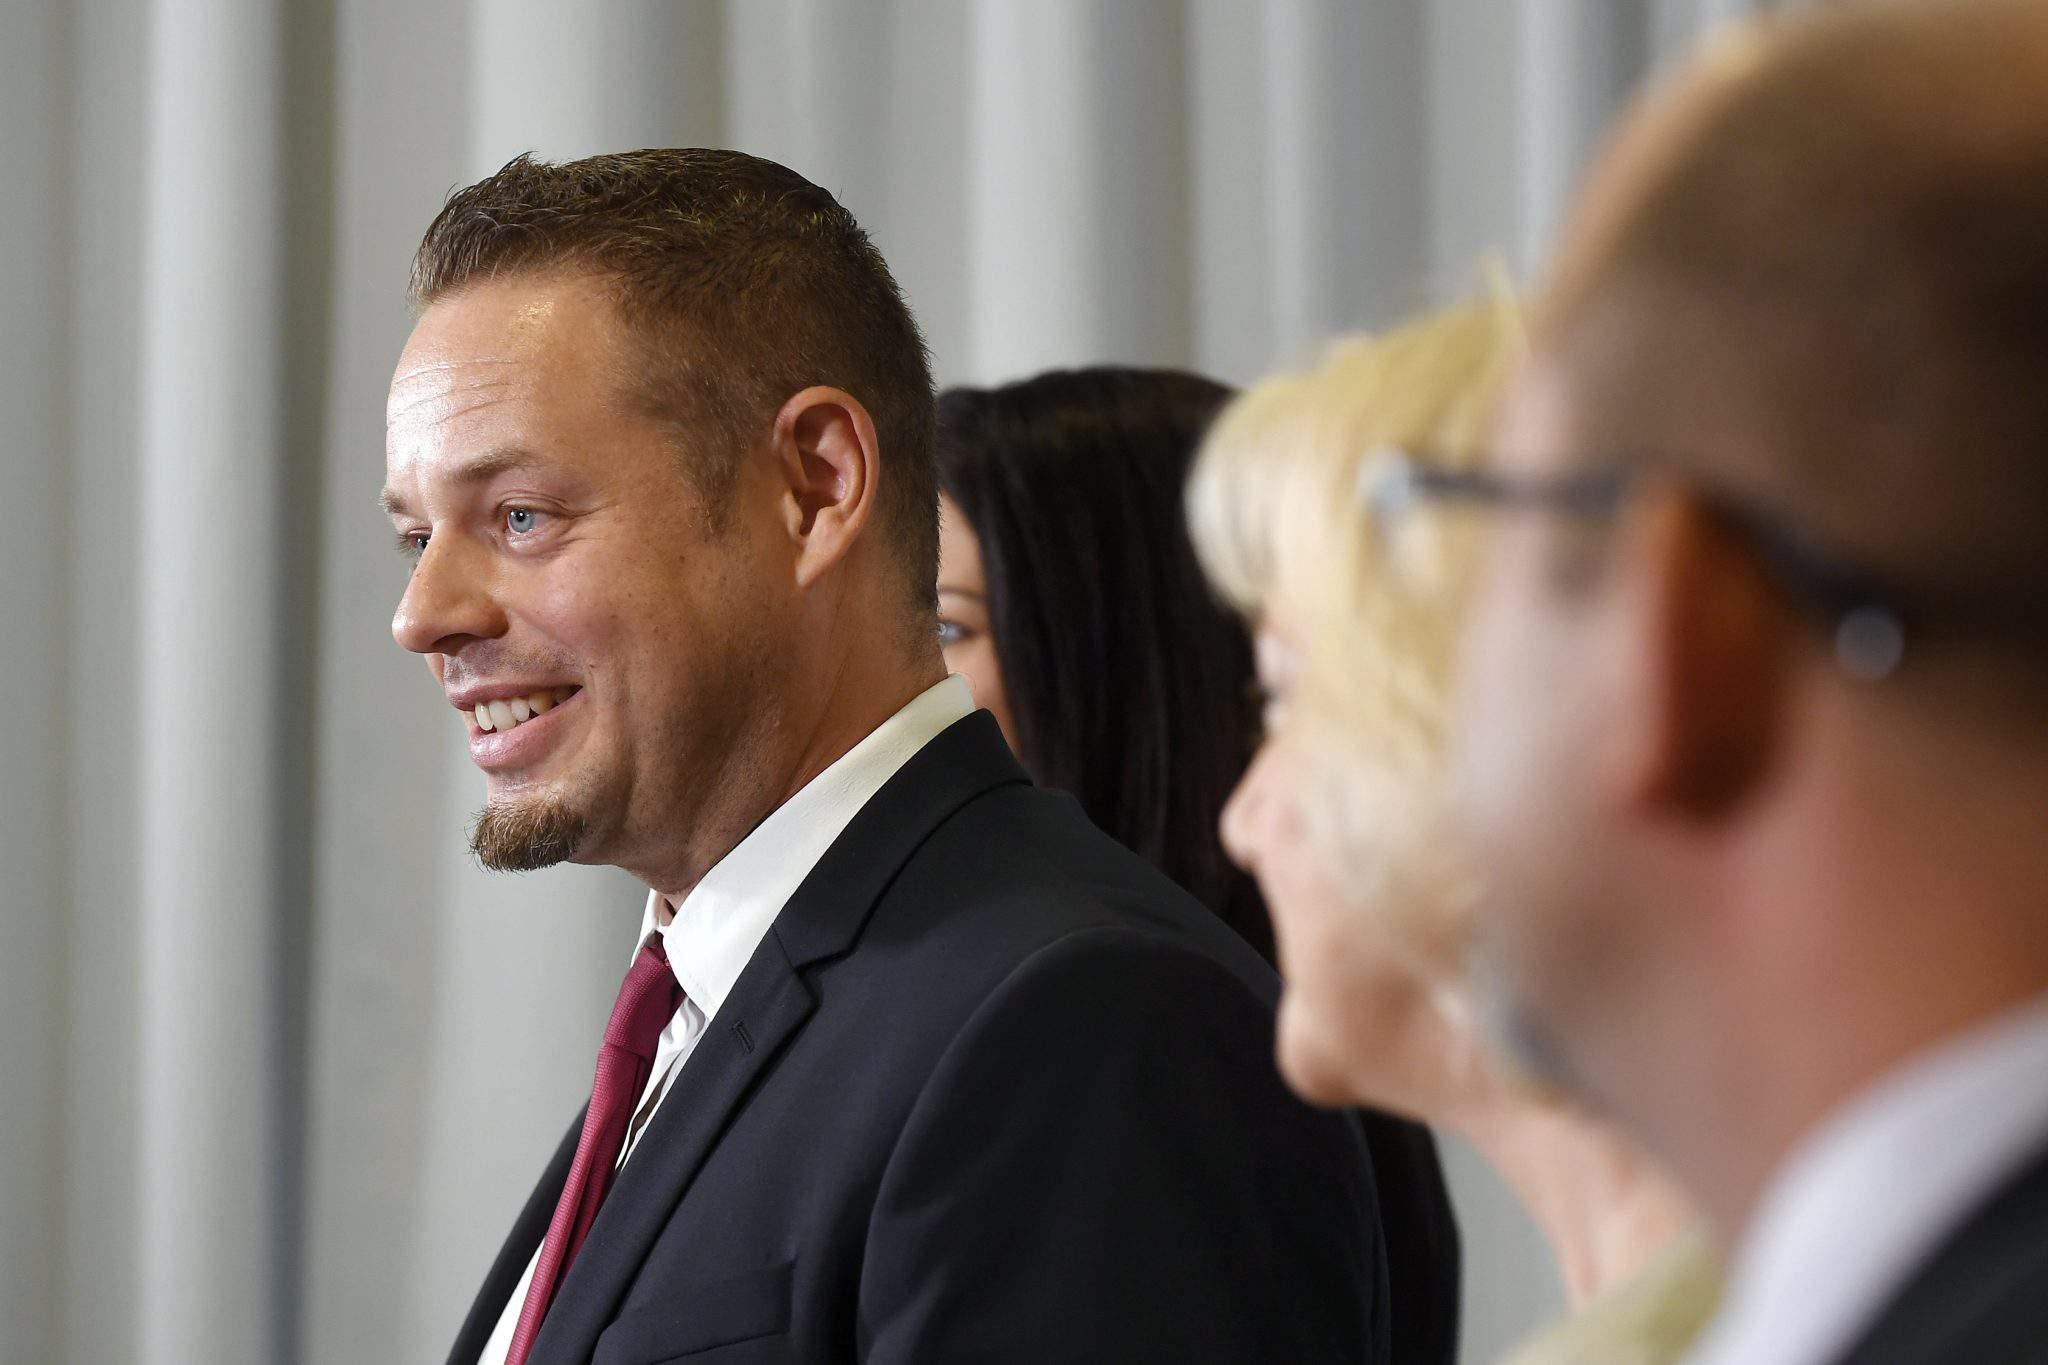 László Keresztes LMP leader